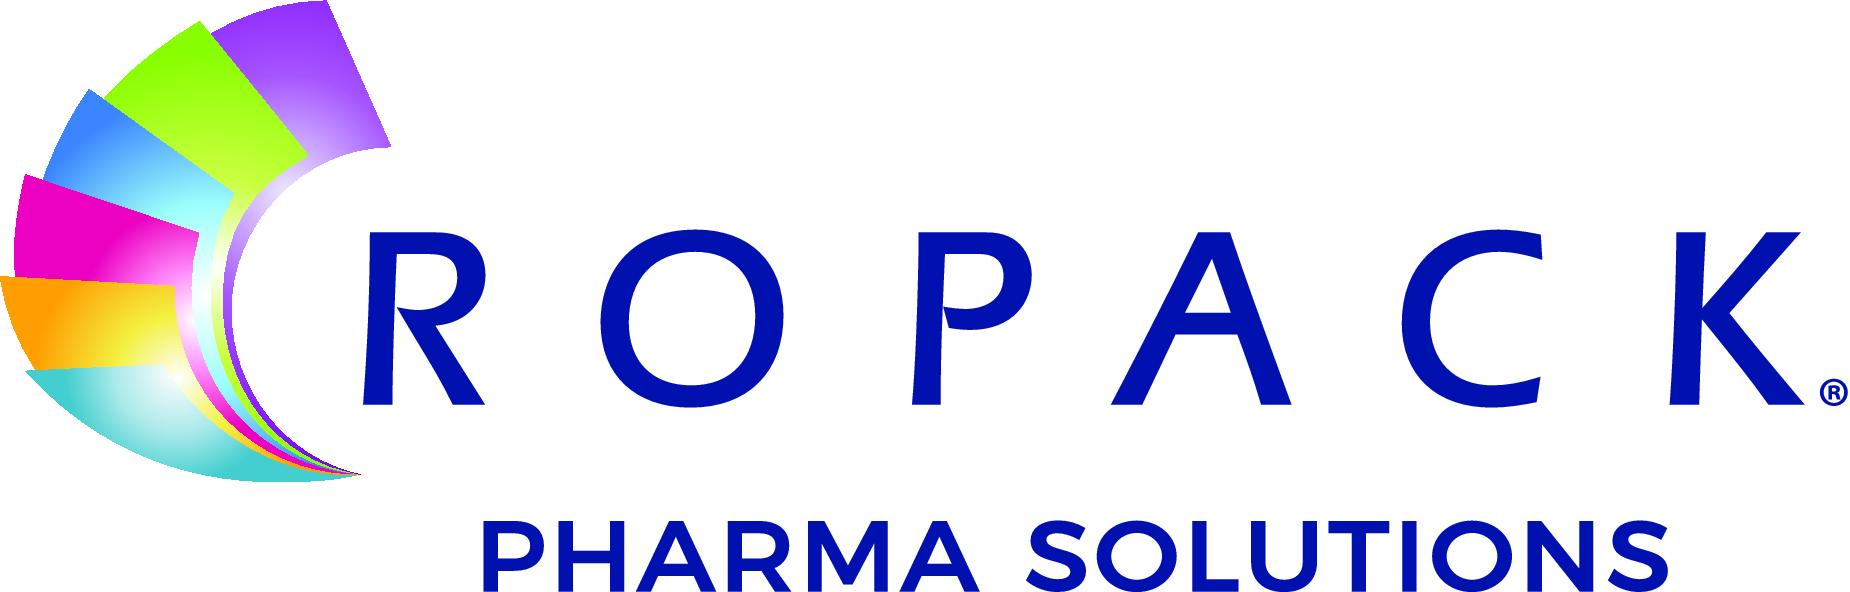 RPS_logo_EN.png